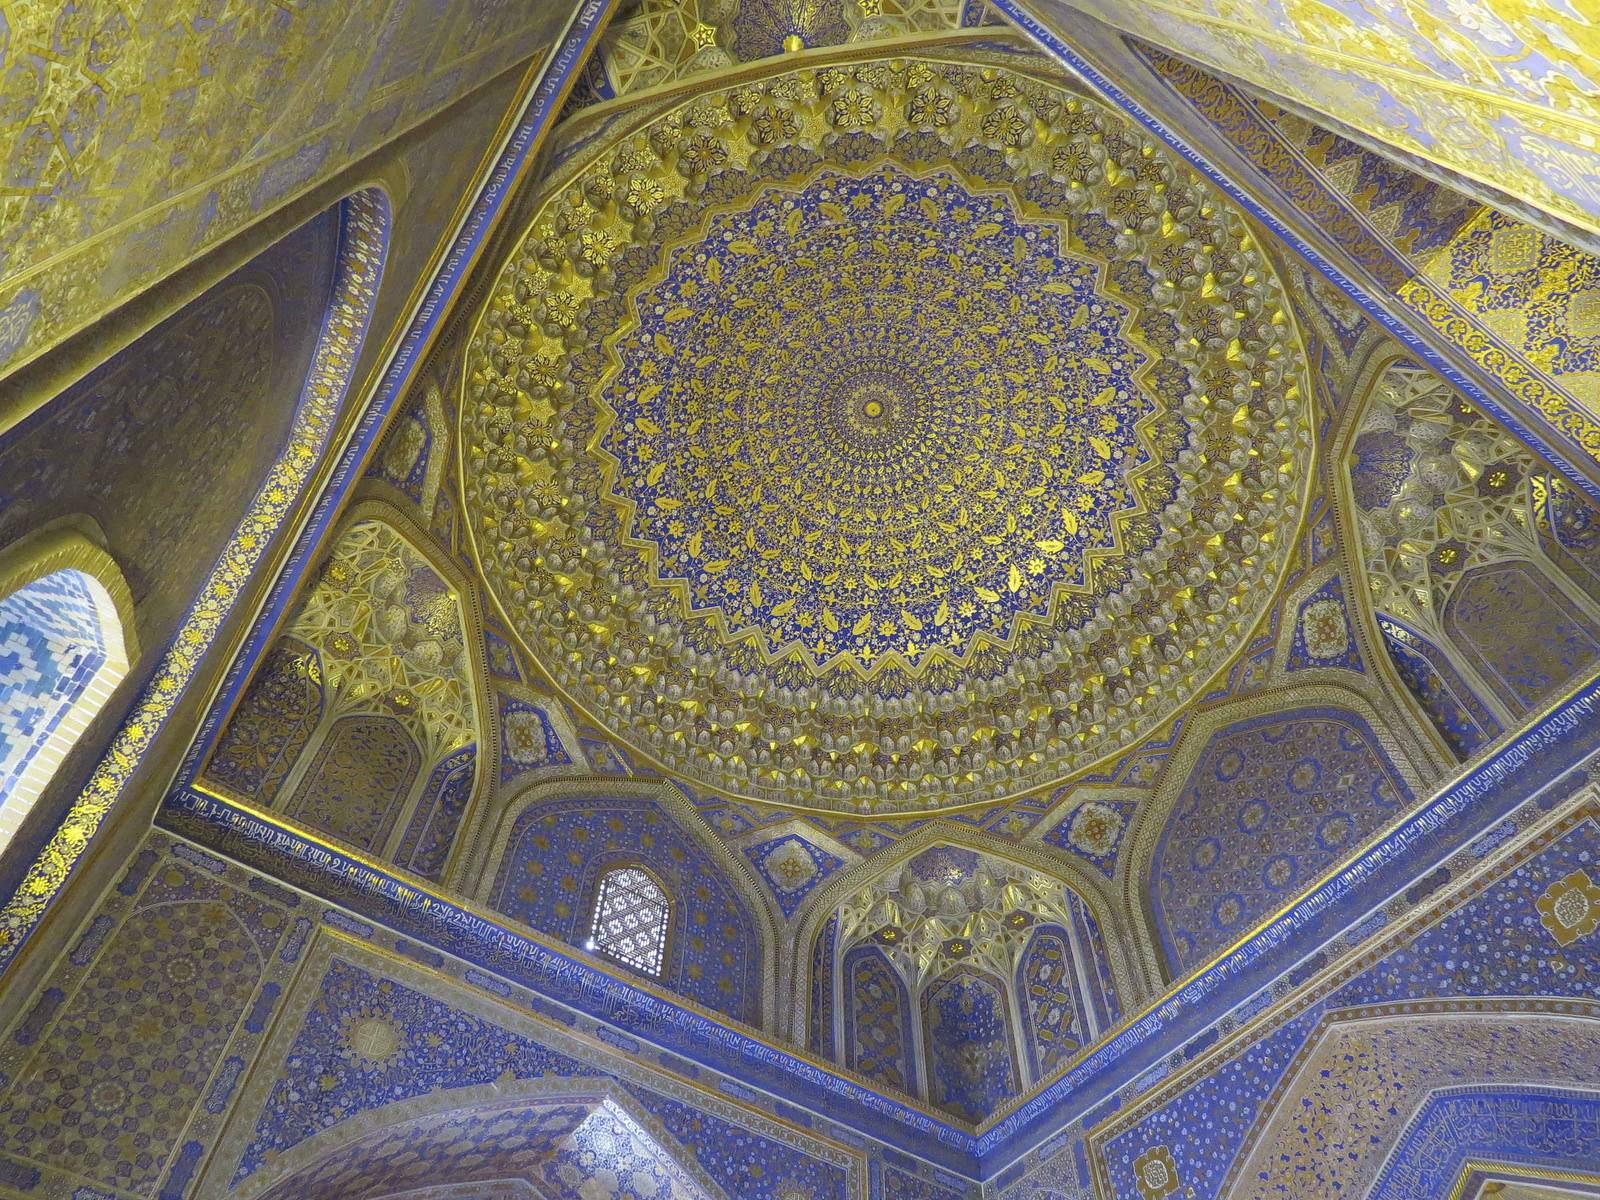 uzbekistan3 Uzbekistan   Travel to Central Asia